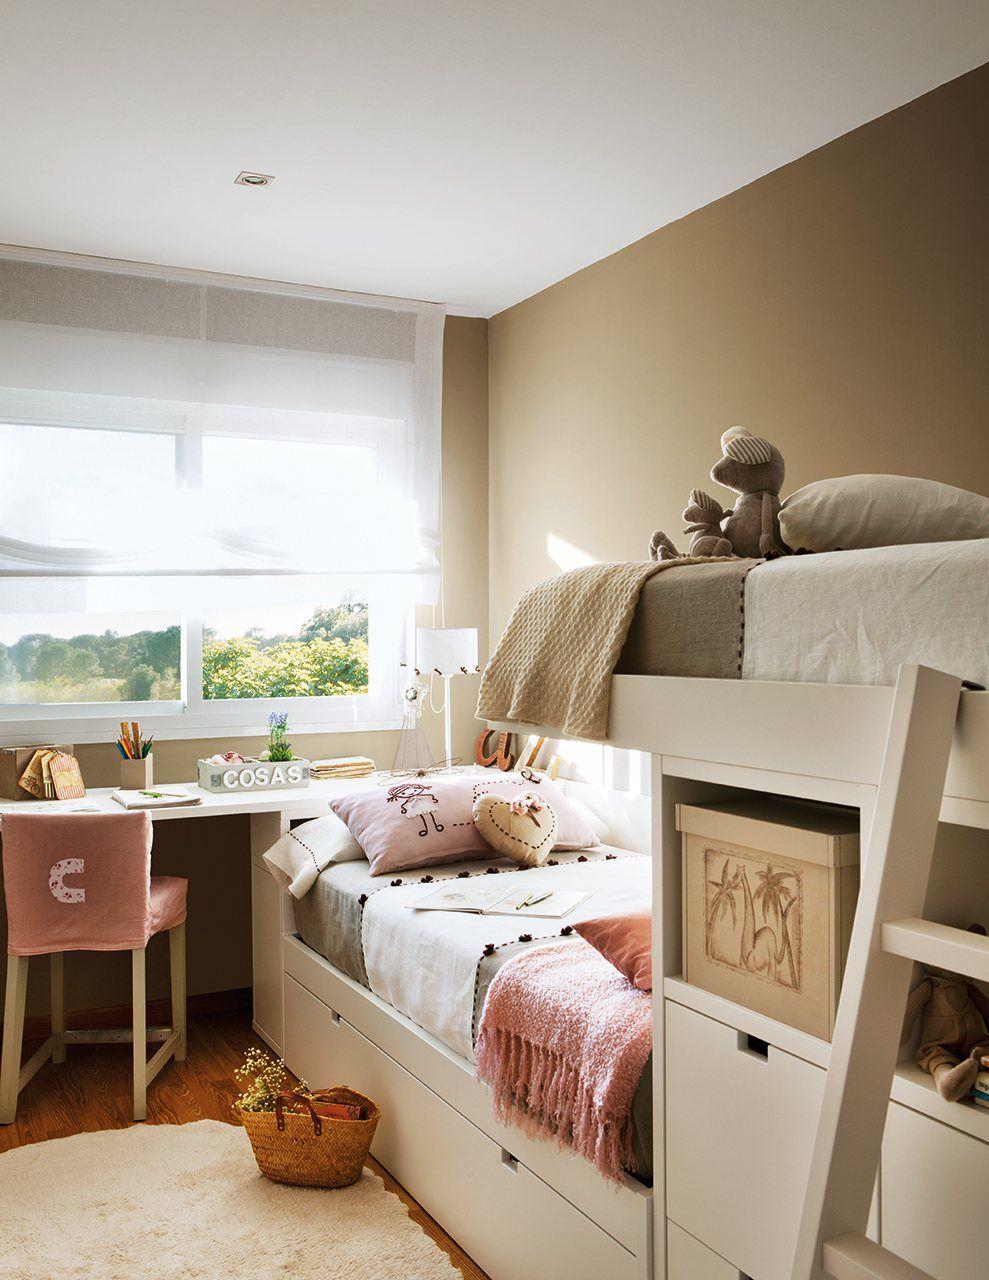 Litera y armario ideas habitacion ni o y bebe - Armario habitacion infantil ...